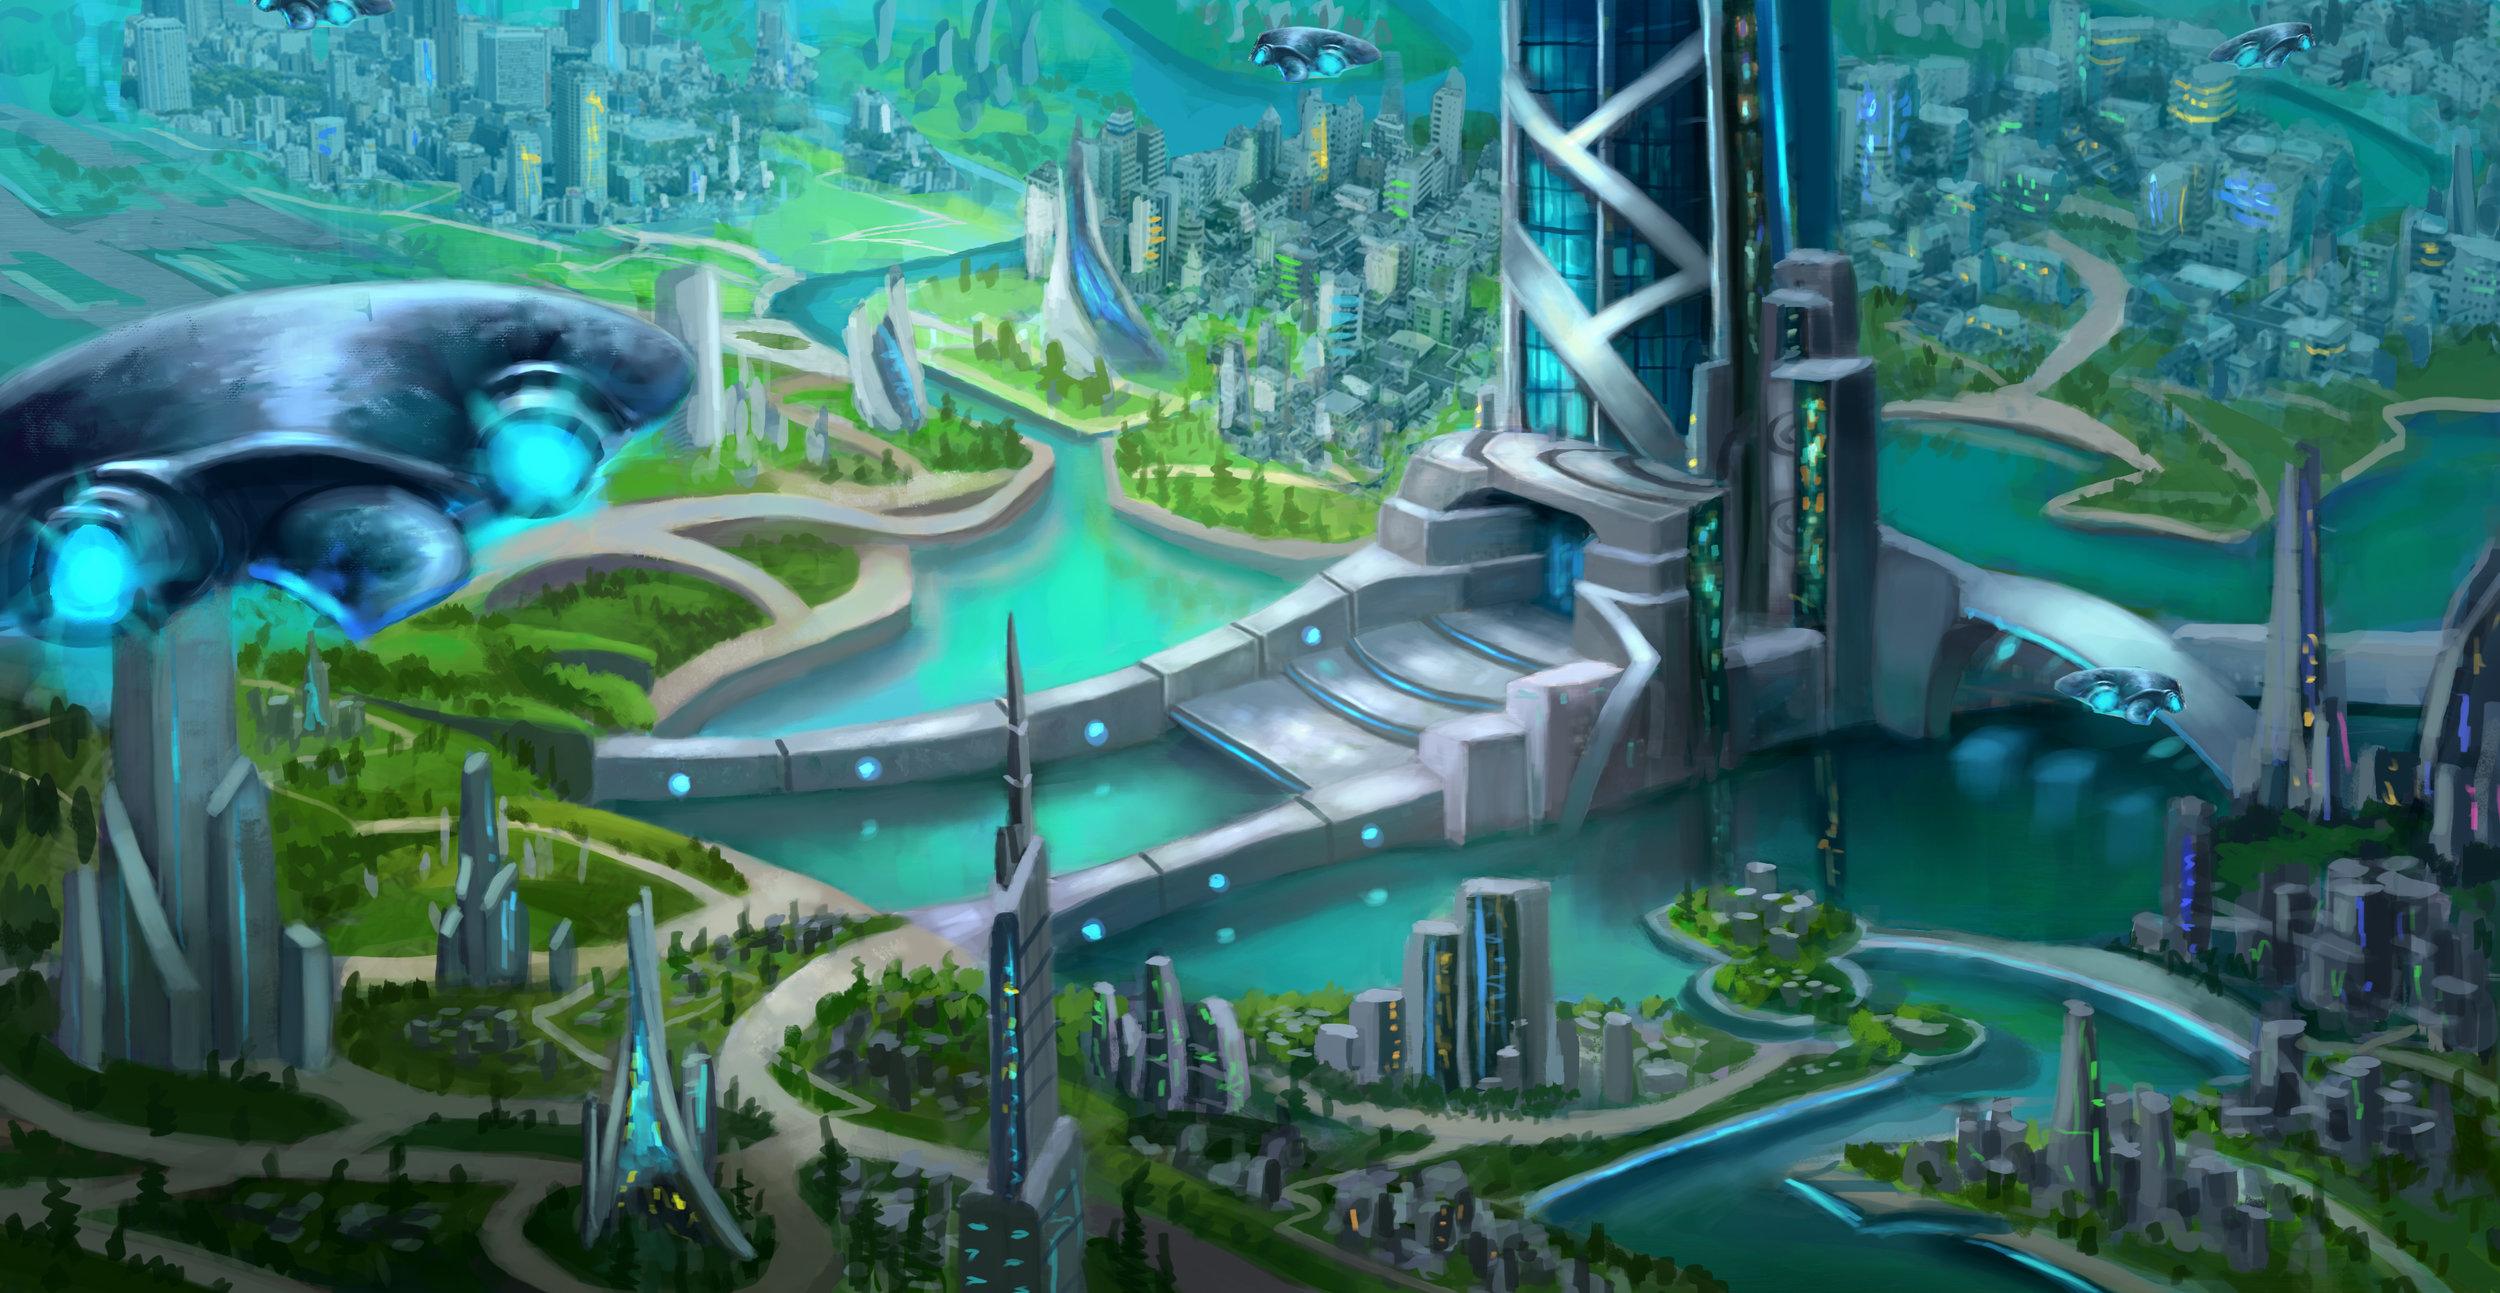 sci fi utopia.jpg